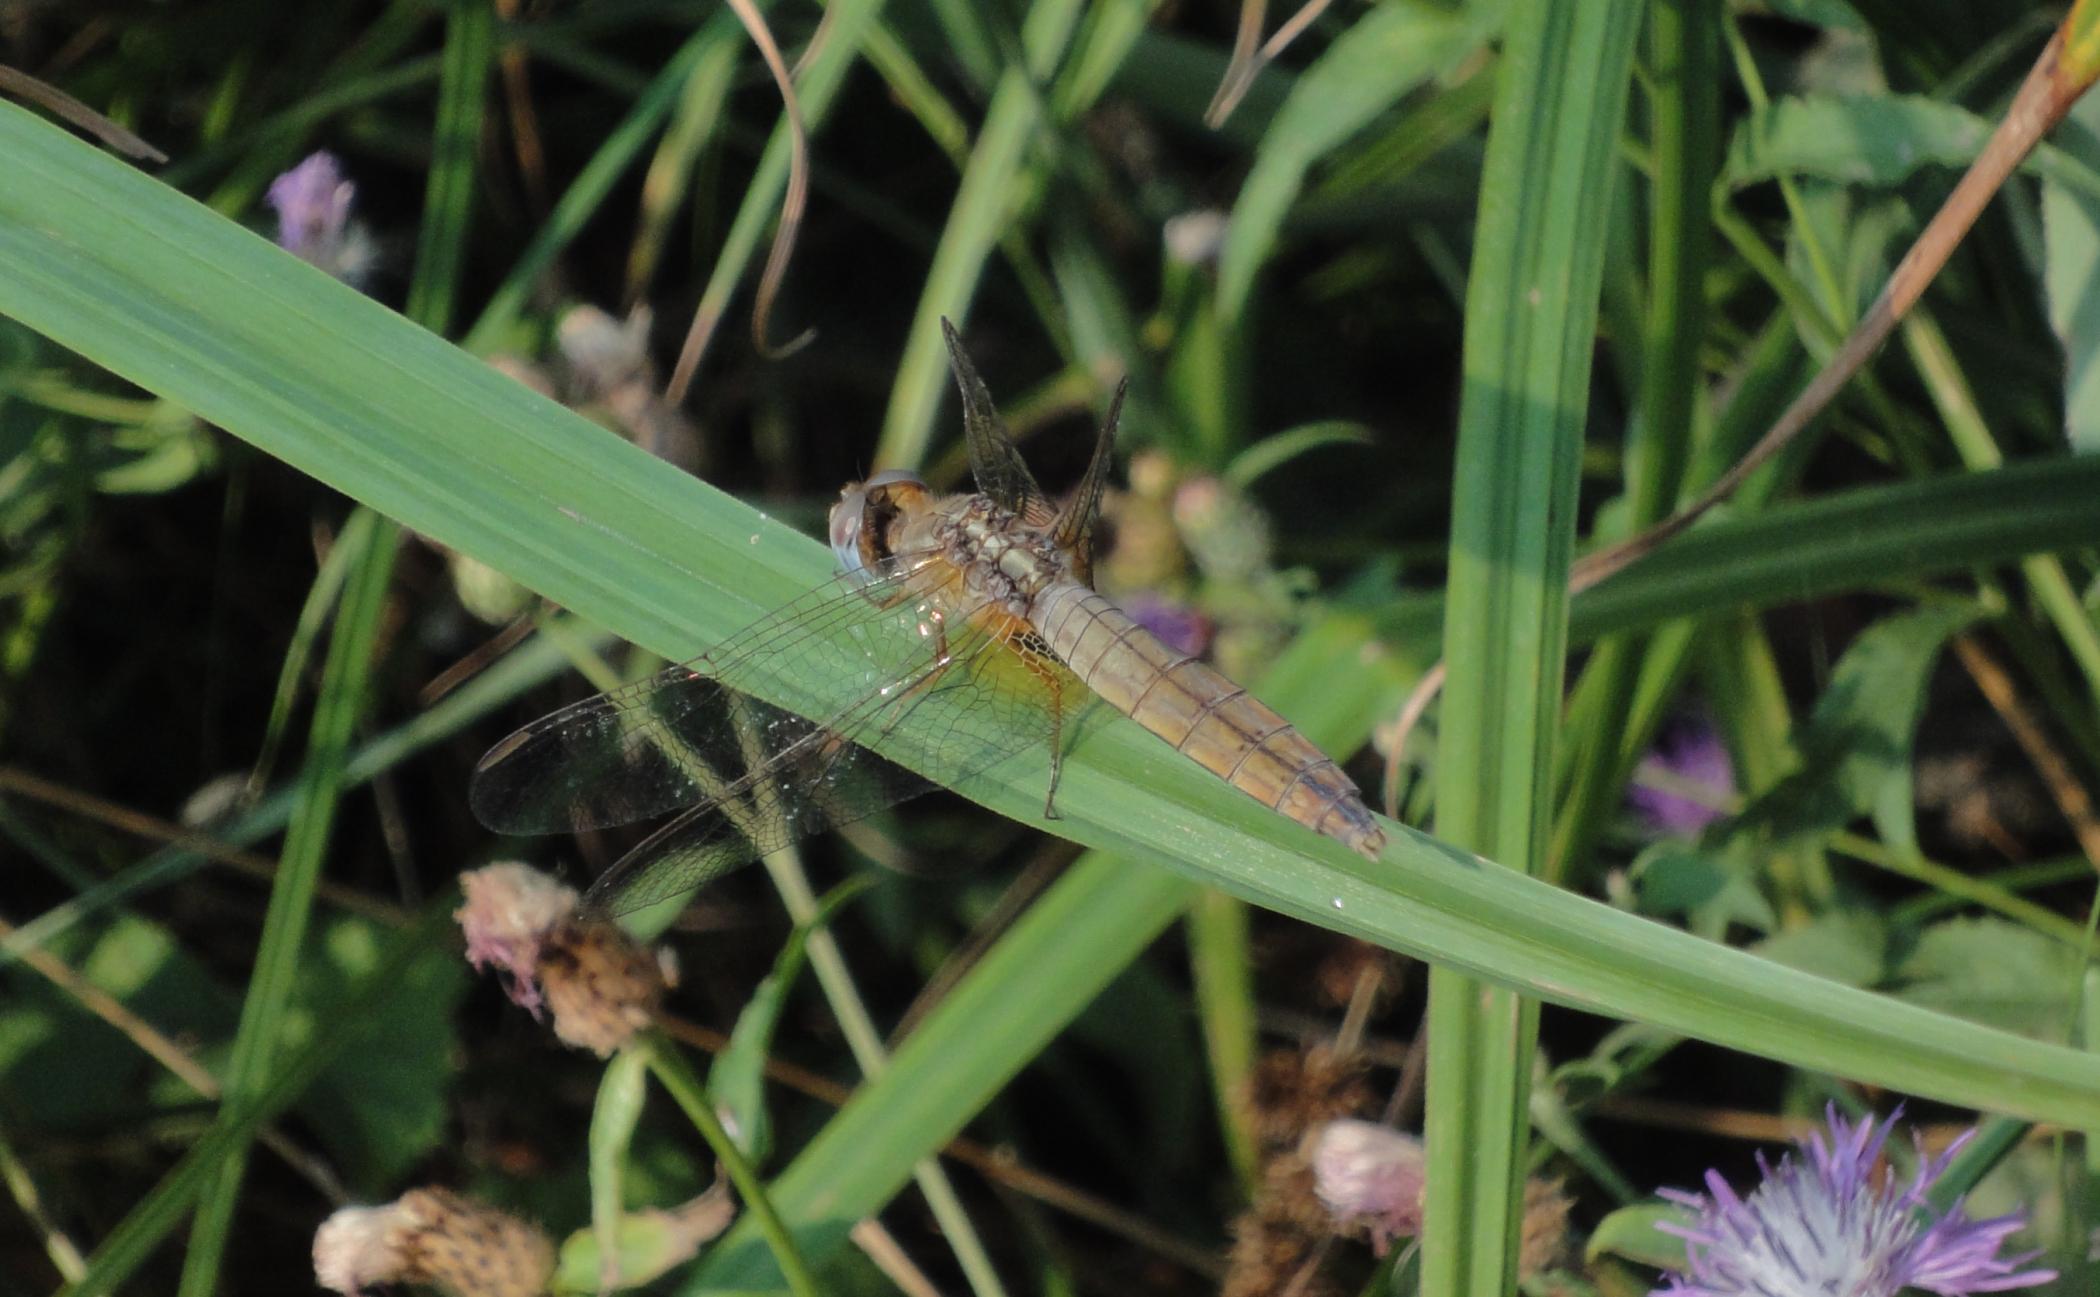 Broad Scarlet, Common Scarlet-darter, Scarlet Darter, Scarlet Dragonfly